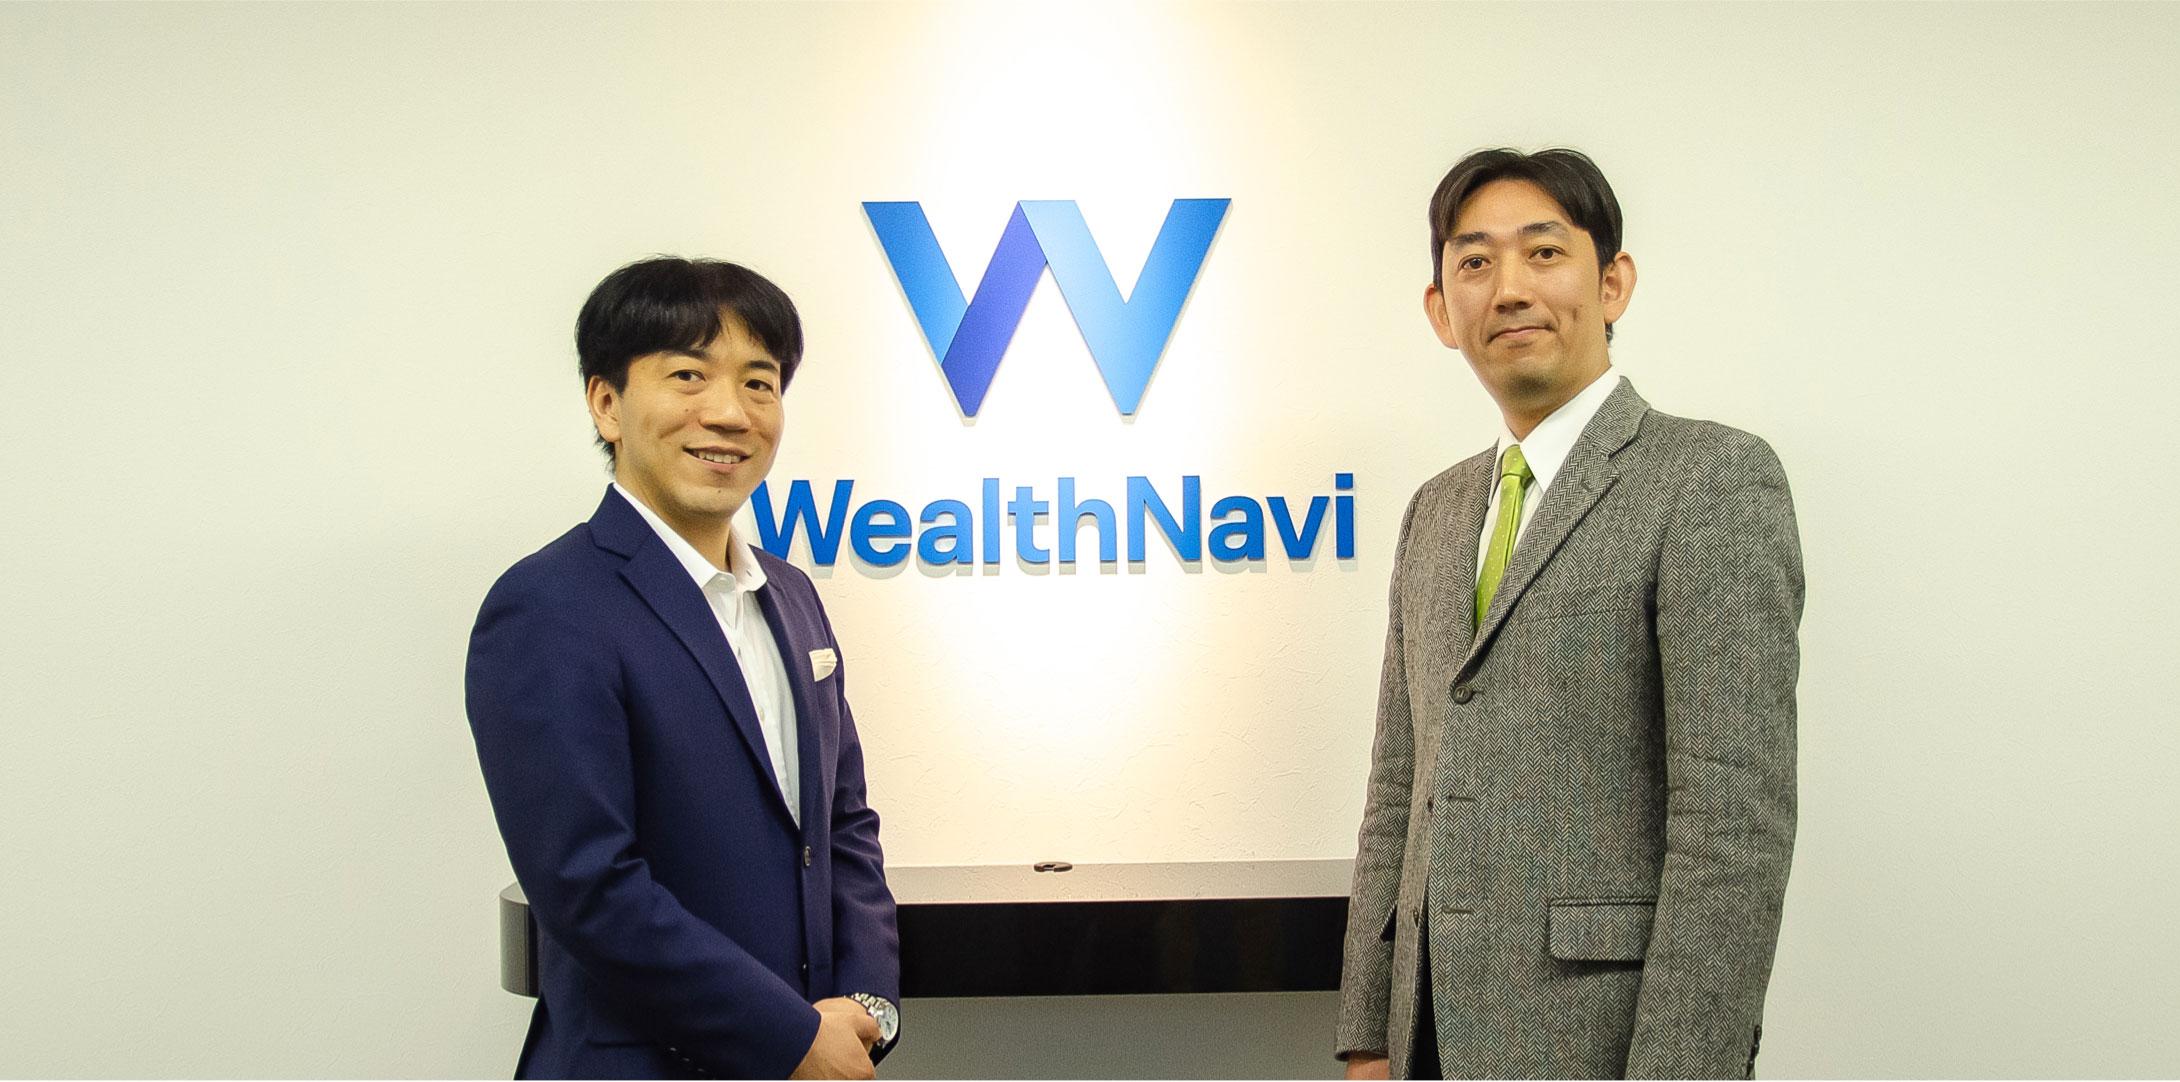 【対談】「いま日本に必要な金融サービス」 – 後編